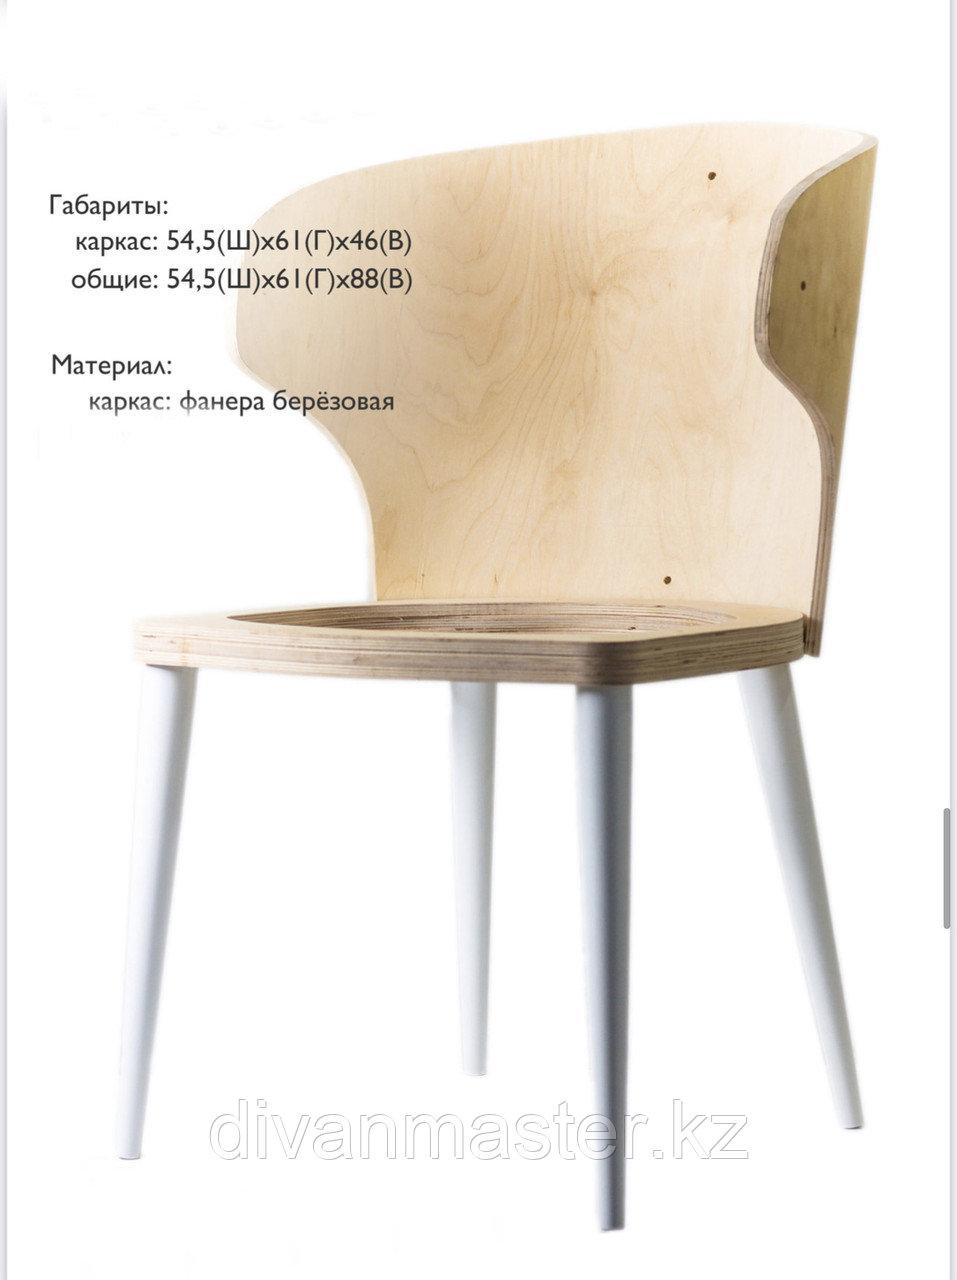 Каркас стула (спинка+сидение) - Sietl